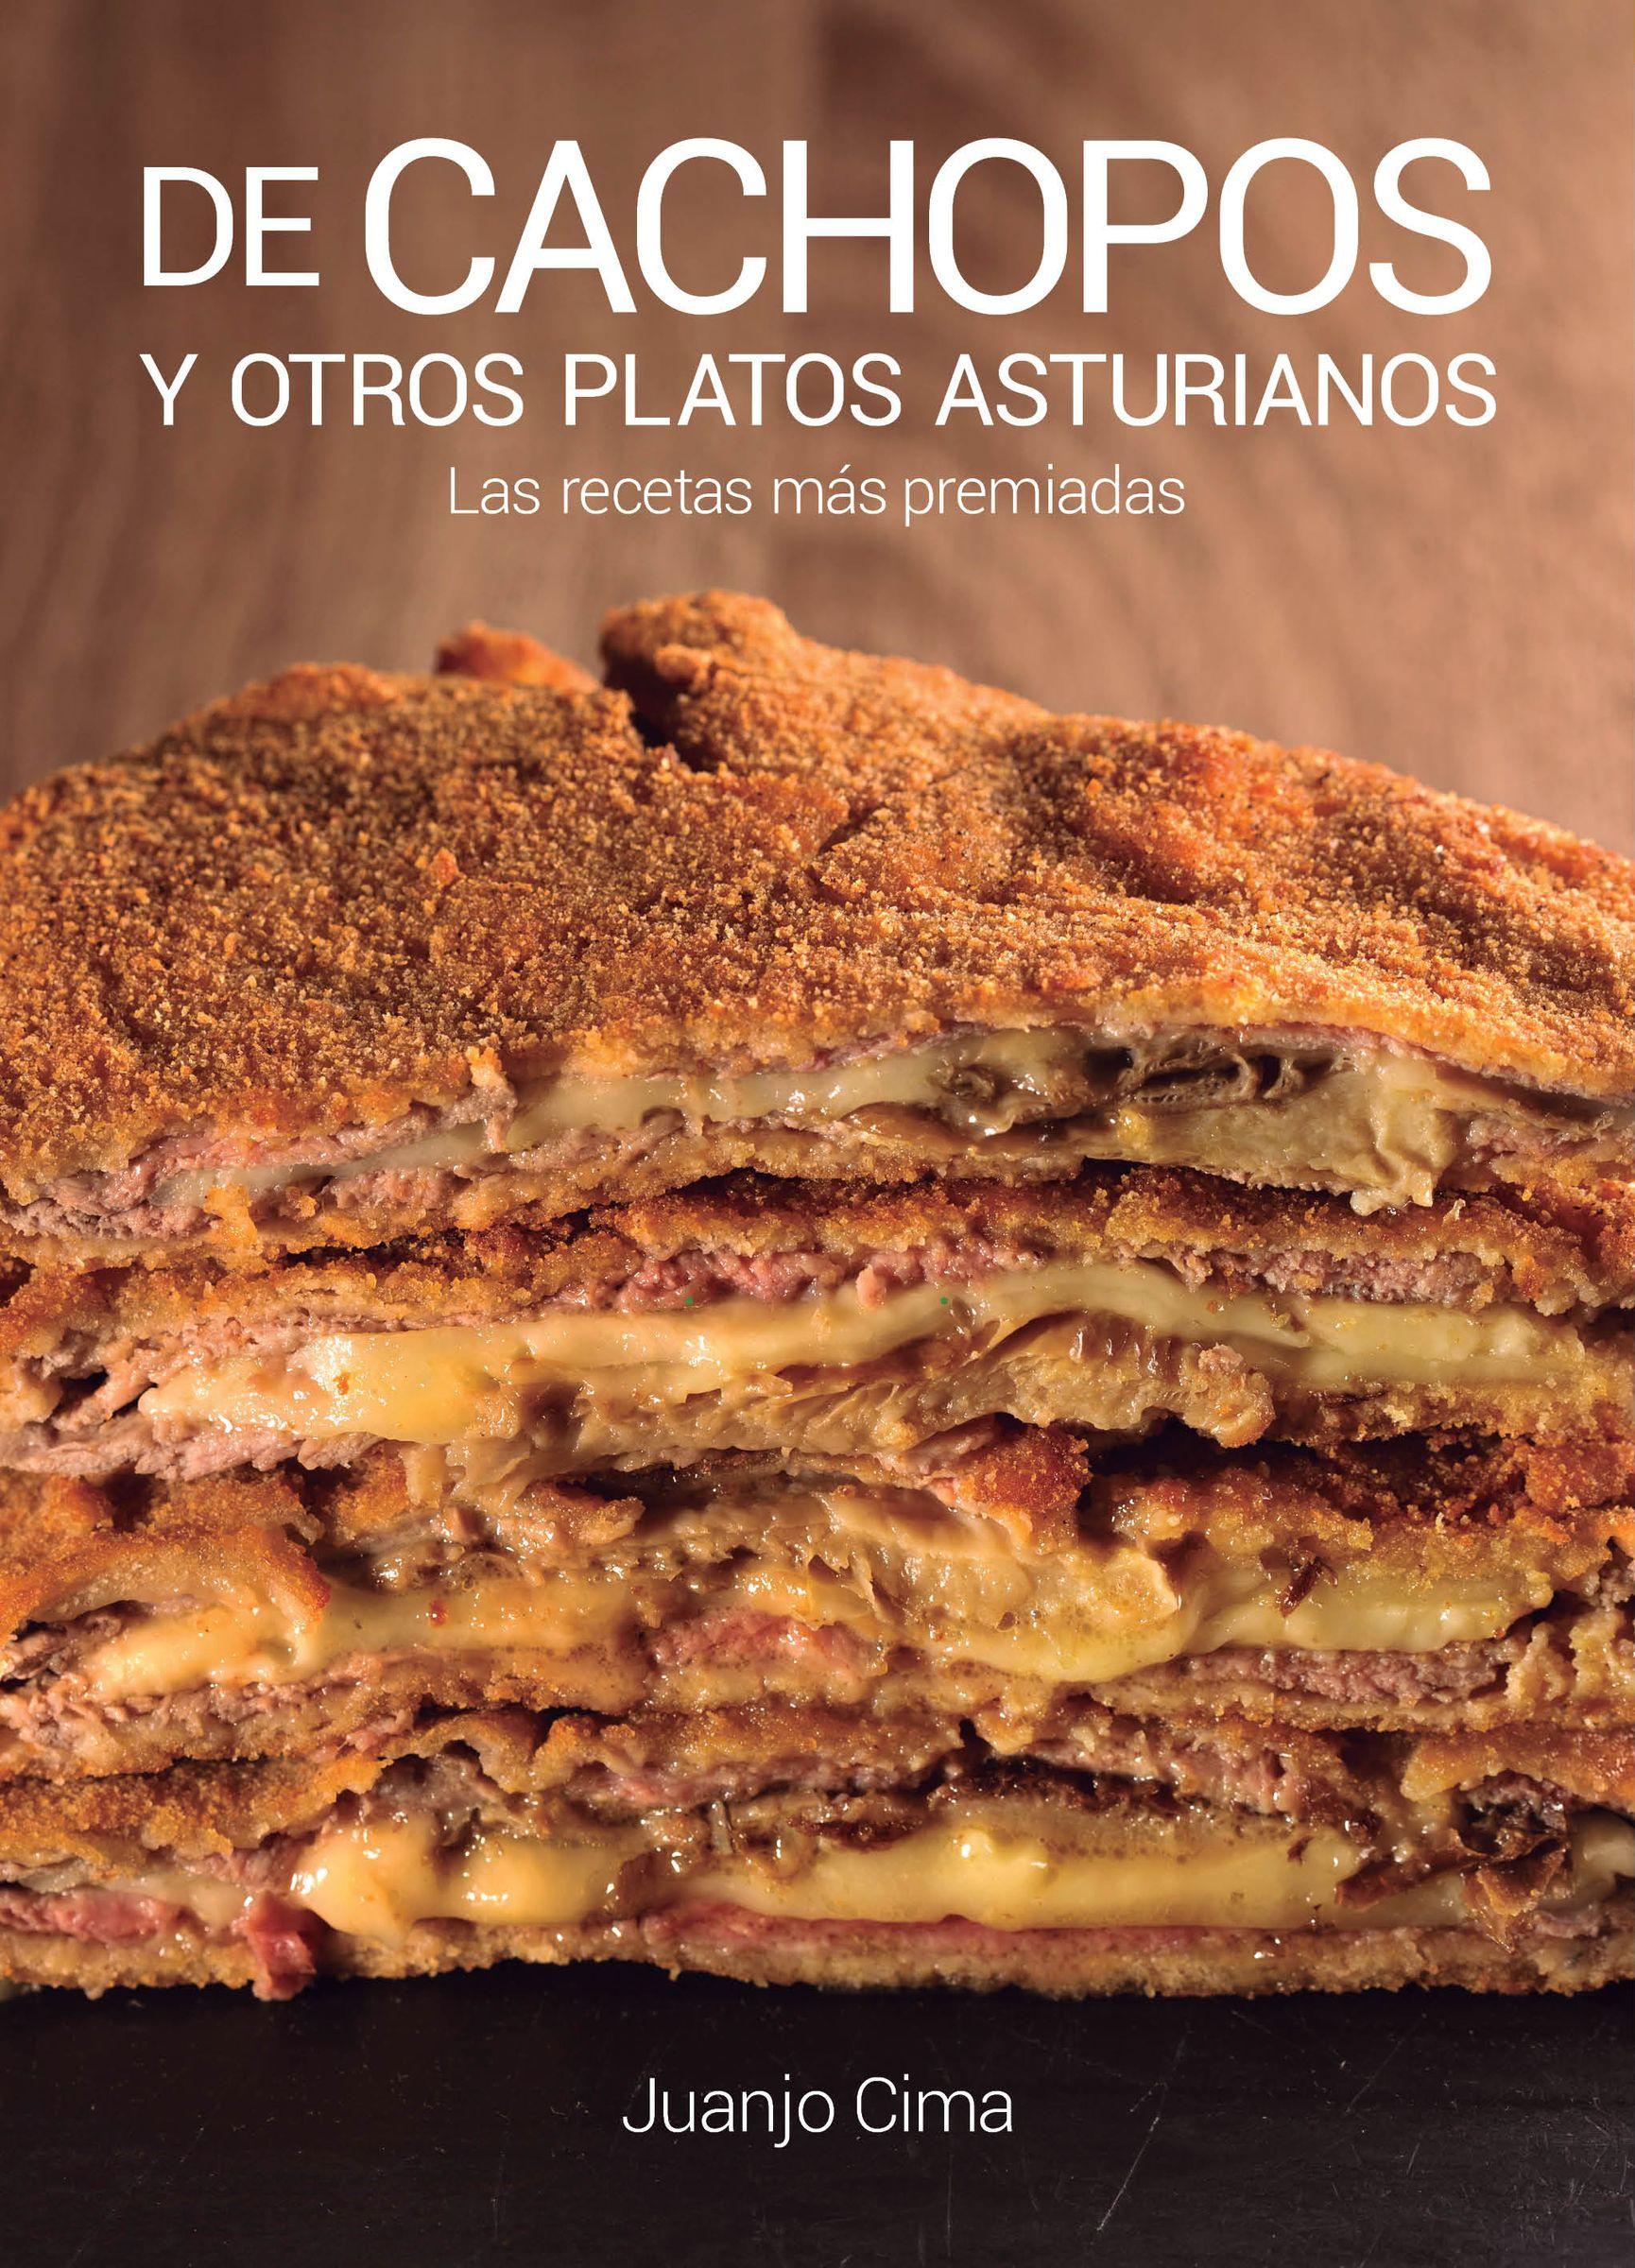 Portada del recetario «De cachopos y otros platos asturianos», del cocinero asturiano Juanjo Cima